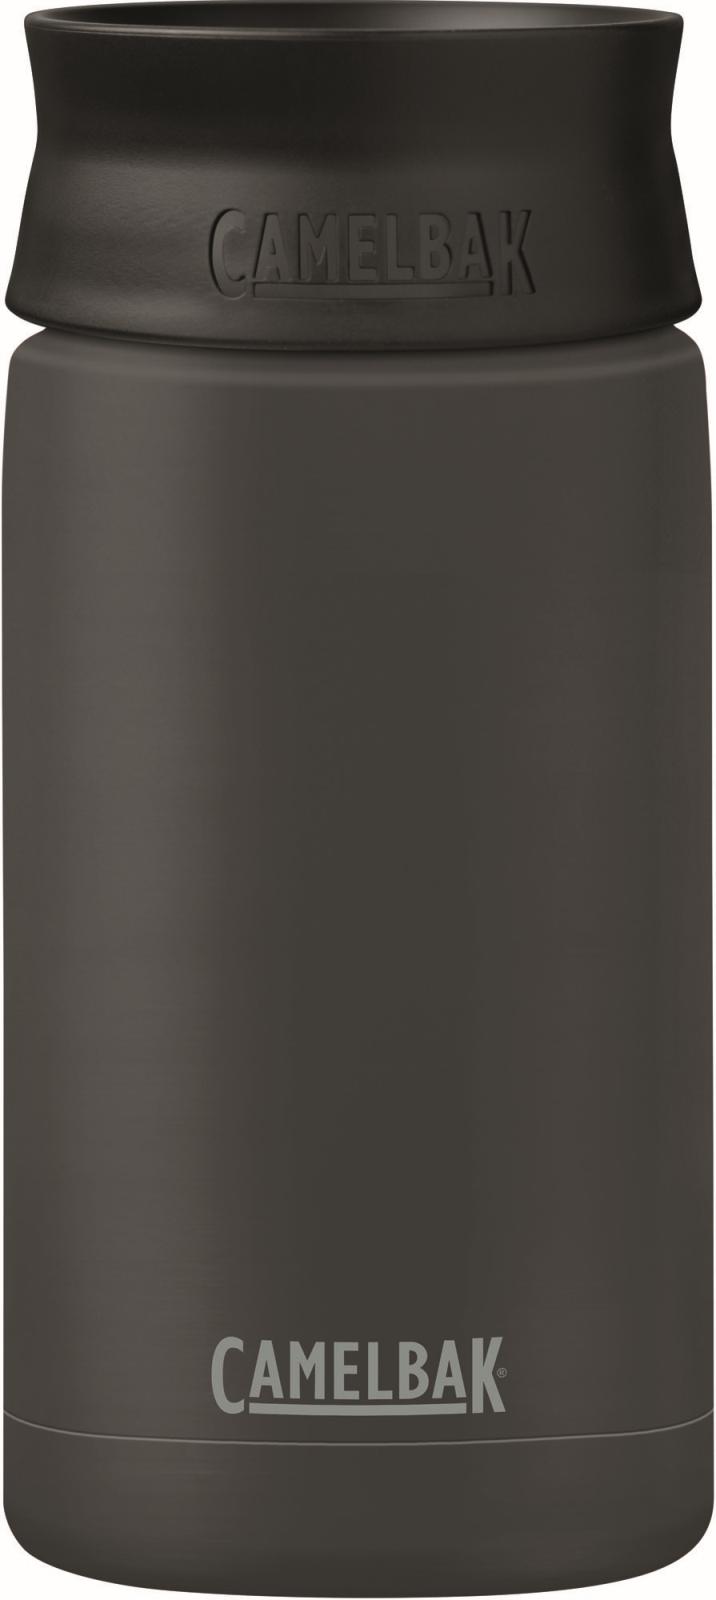 Camelbak Hot Cap Vacuum Stainless 0,4l - Black uni